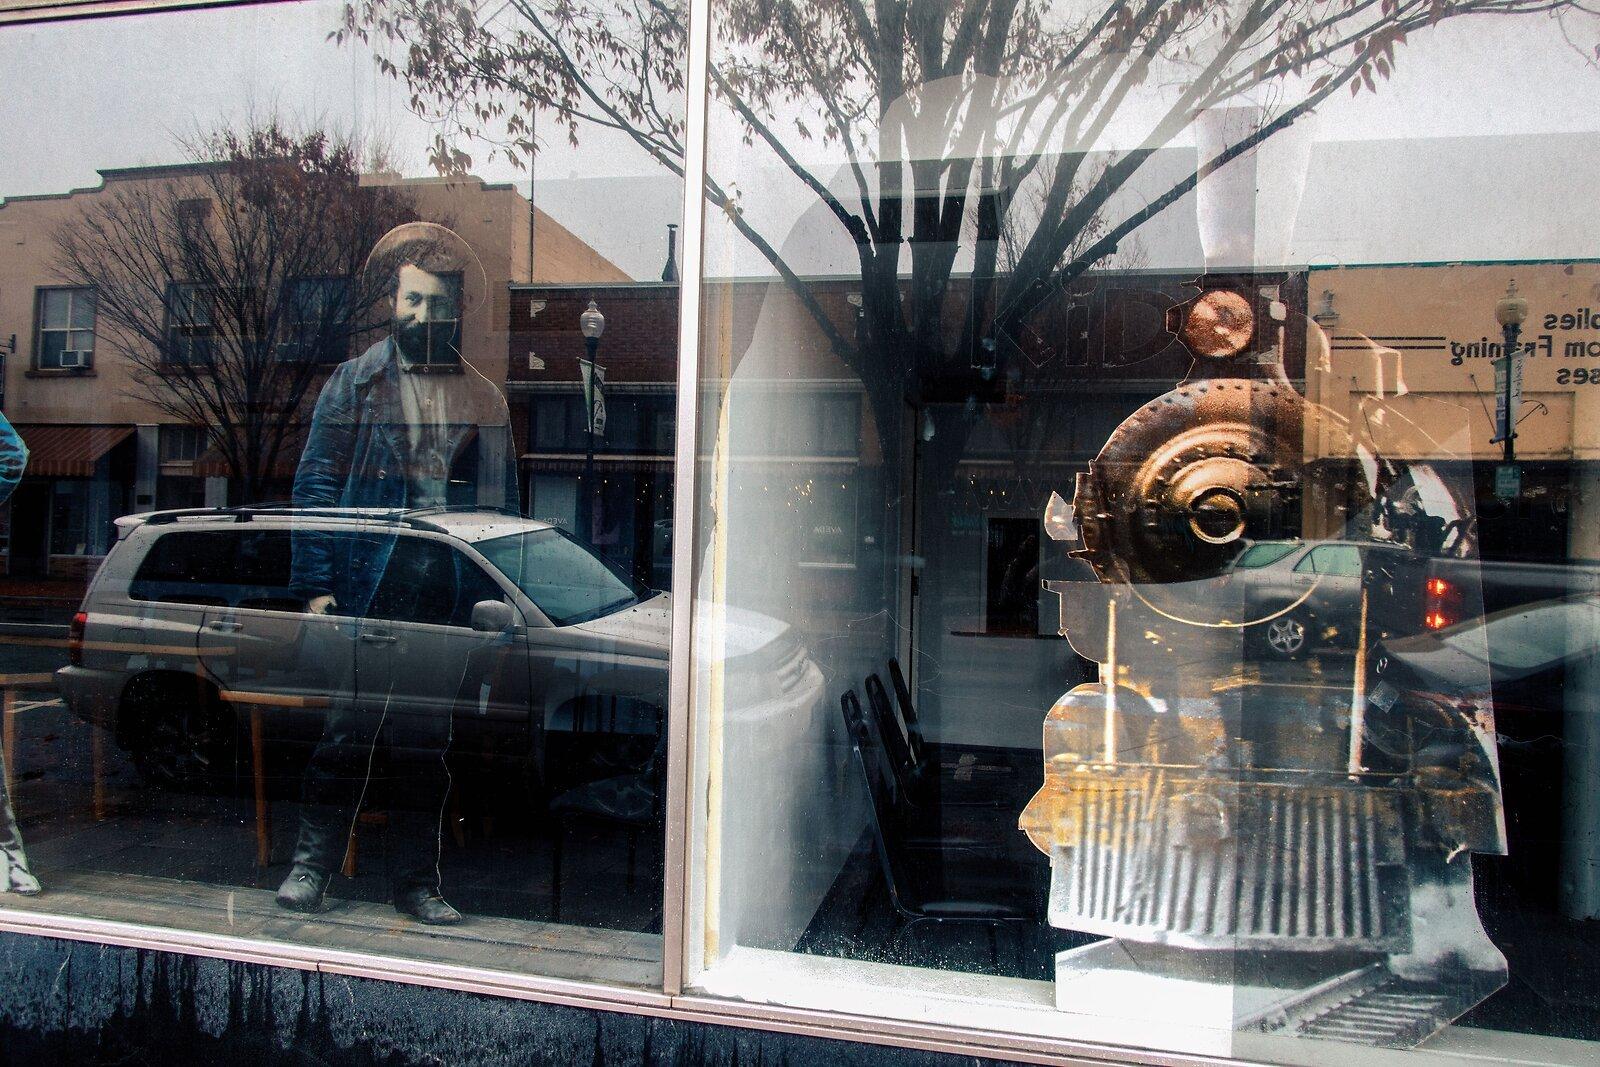 G1x_Nov15_Historical_Society_Window#2.jpg